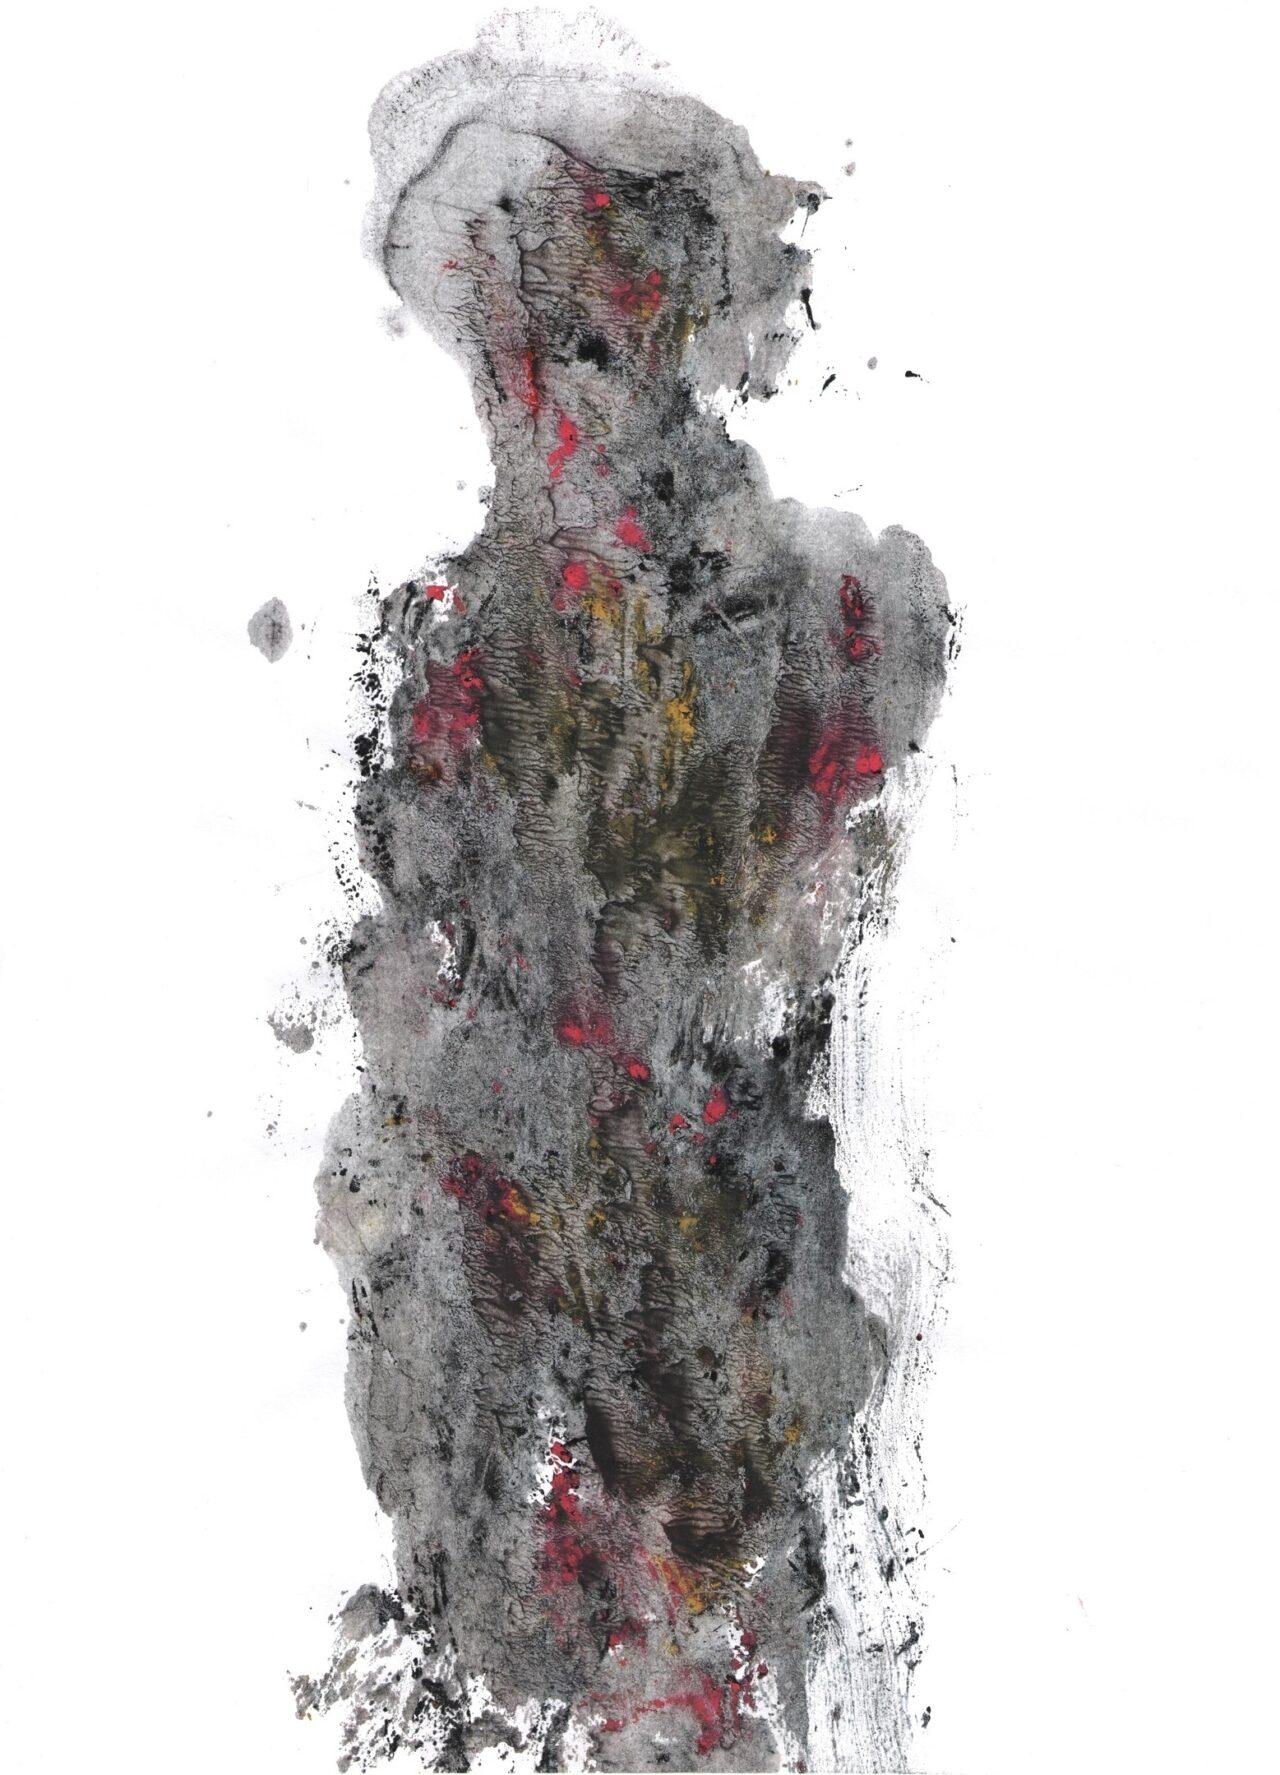 Андрей Ганган. Без названия. 2015. Бумага, монотипия. 21 × 30 см.